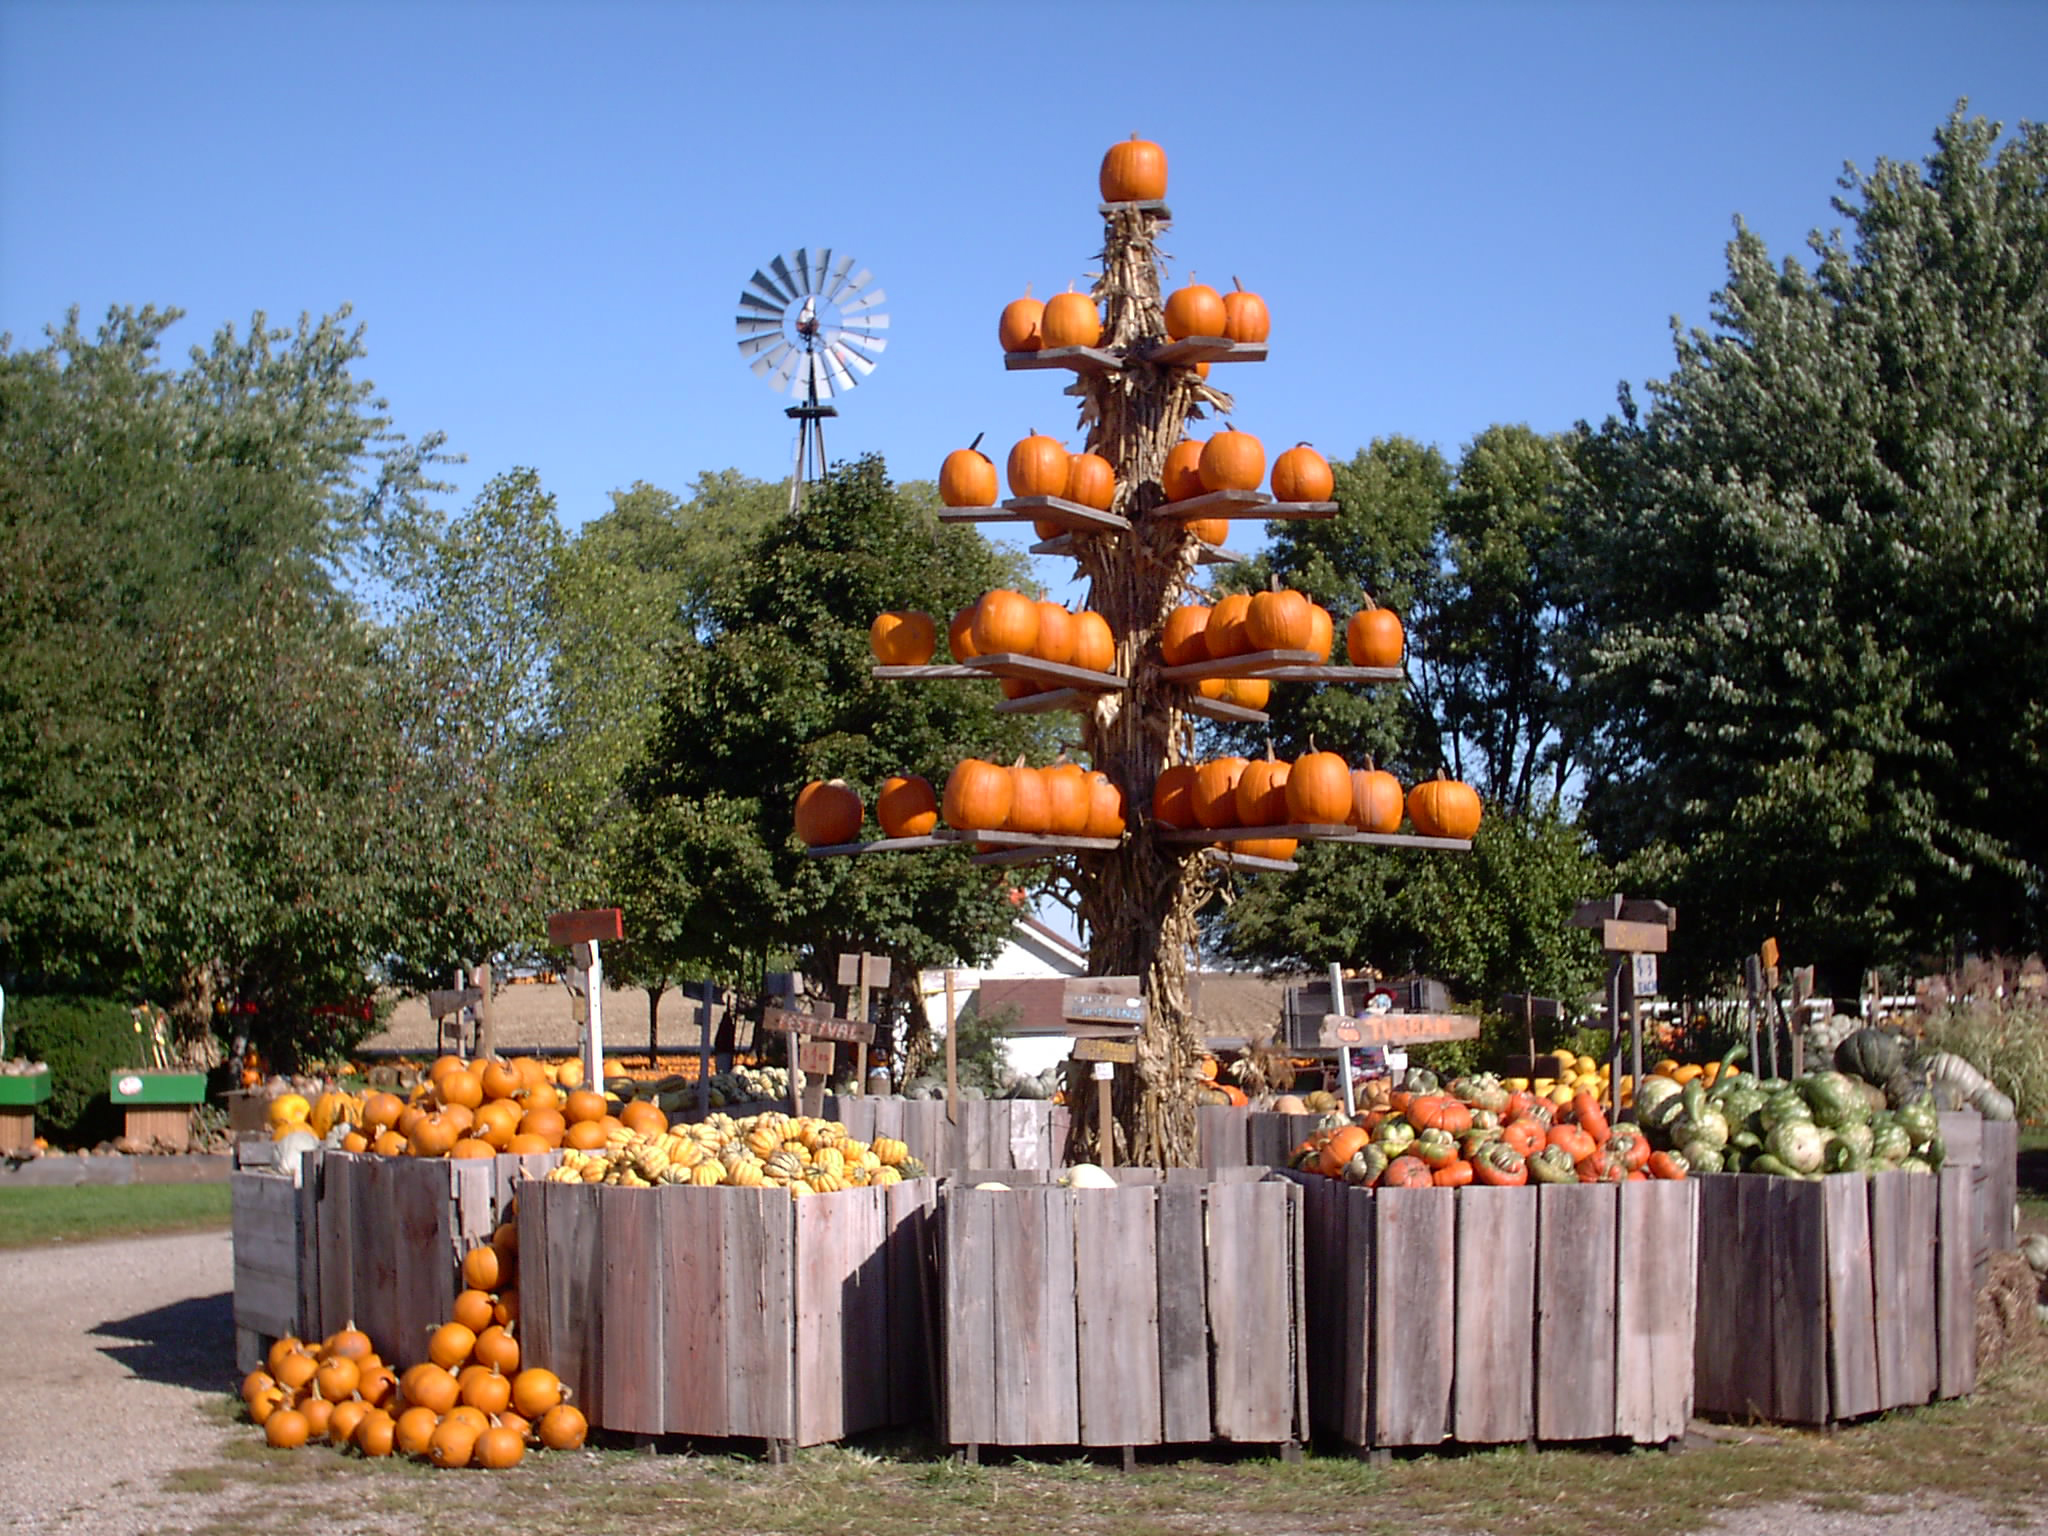 Pumpkins Buckets